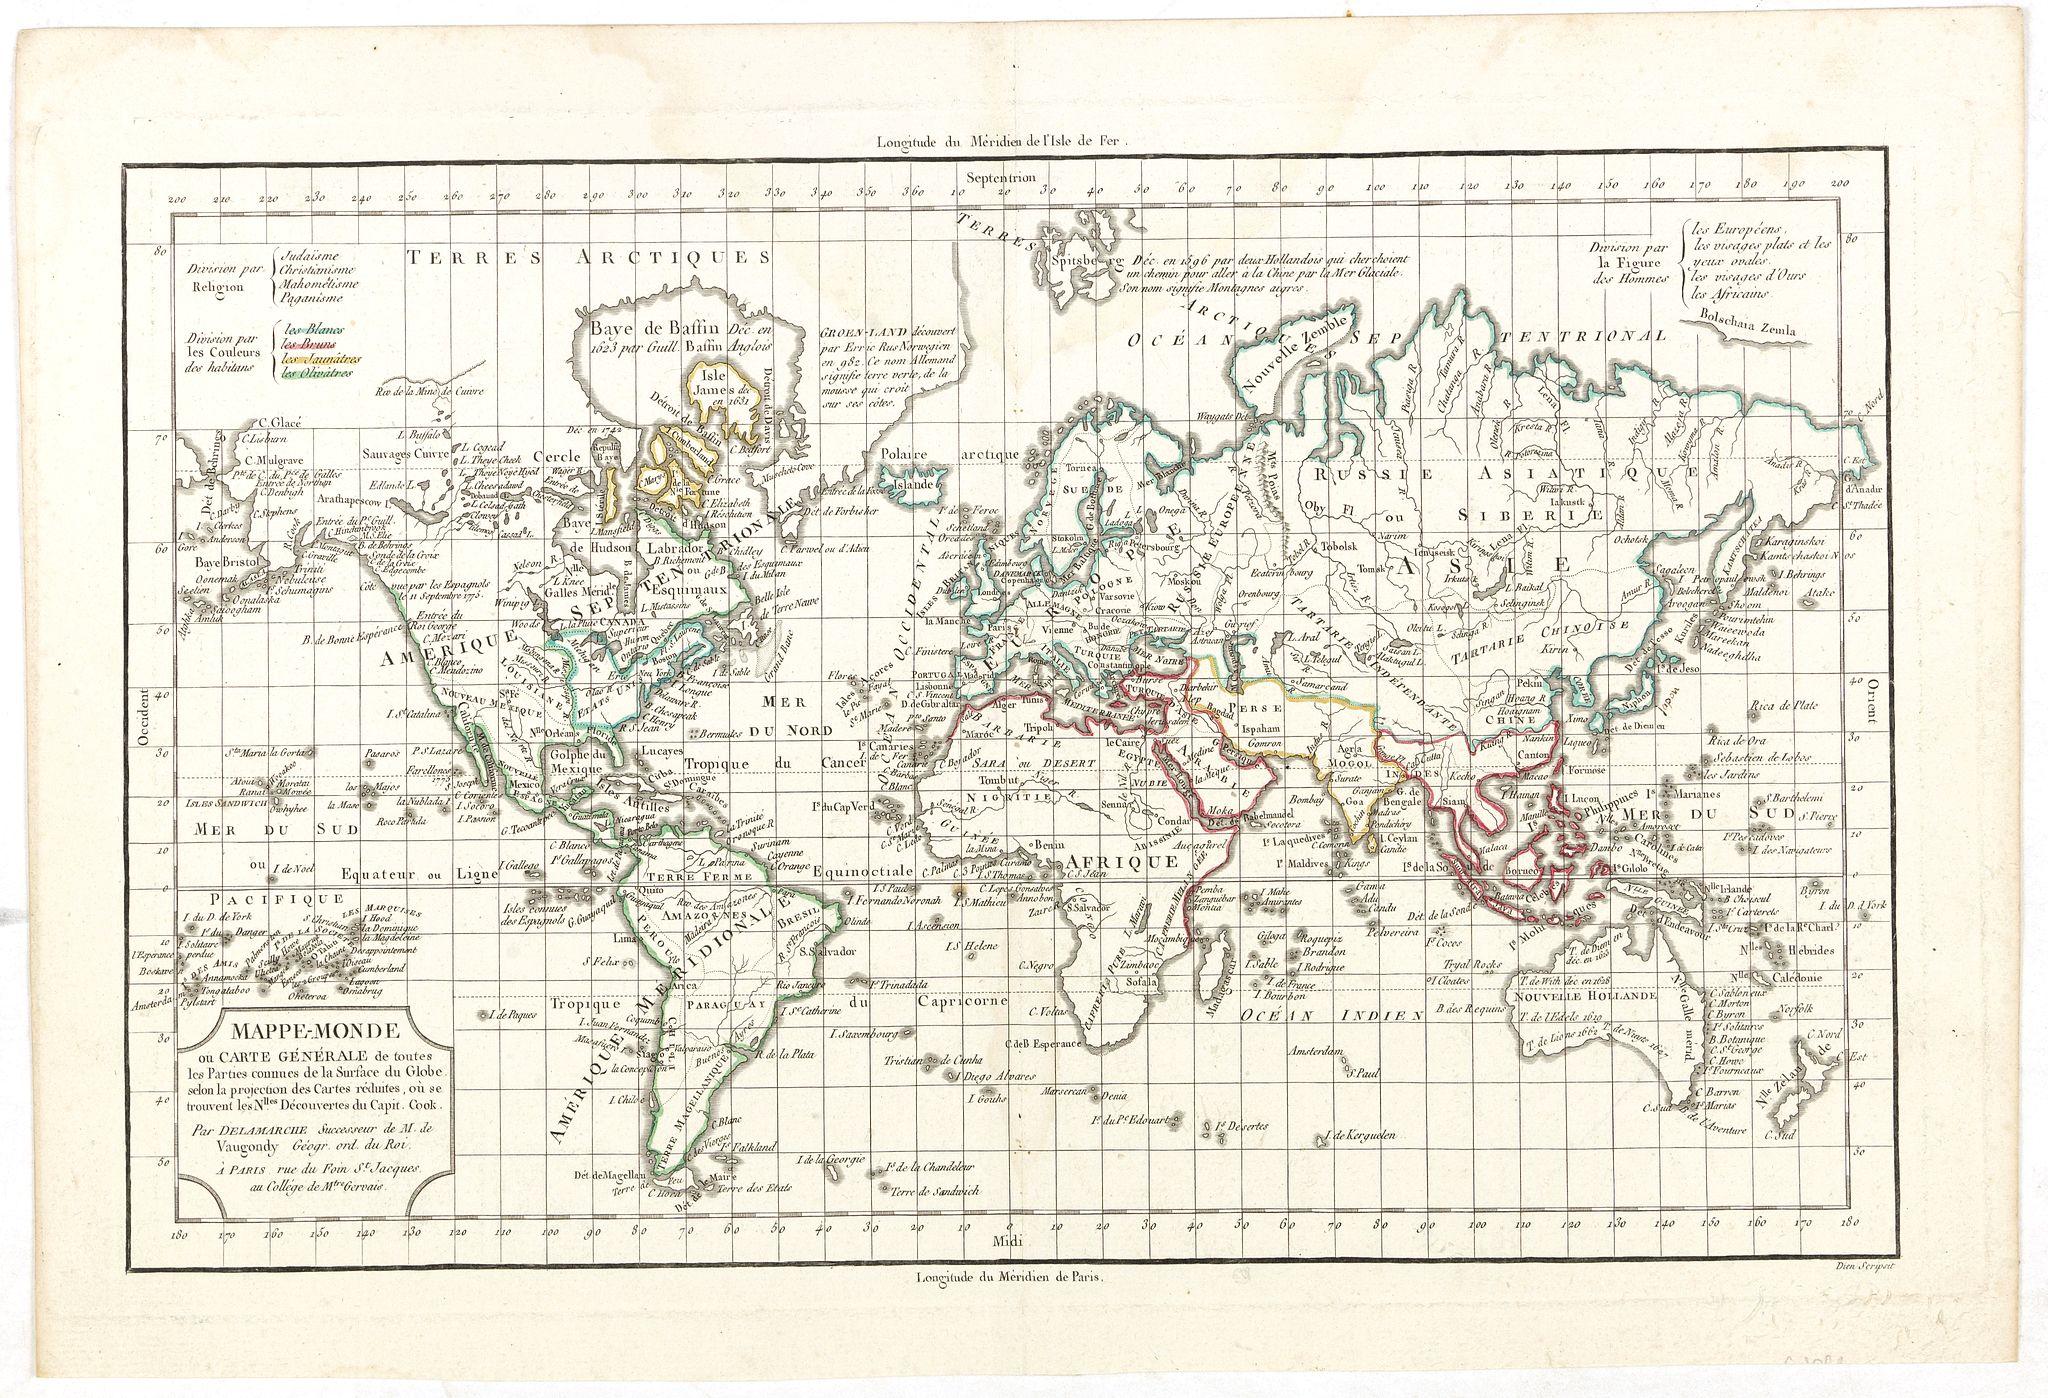 DELAMARCHE,C.F. -  Mappe-Monde ou Carte Generale de toutes les Parties connues..